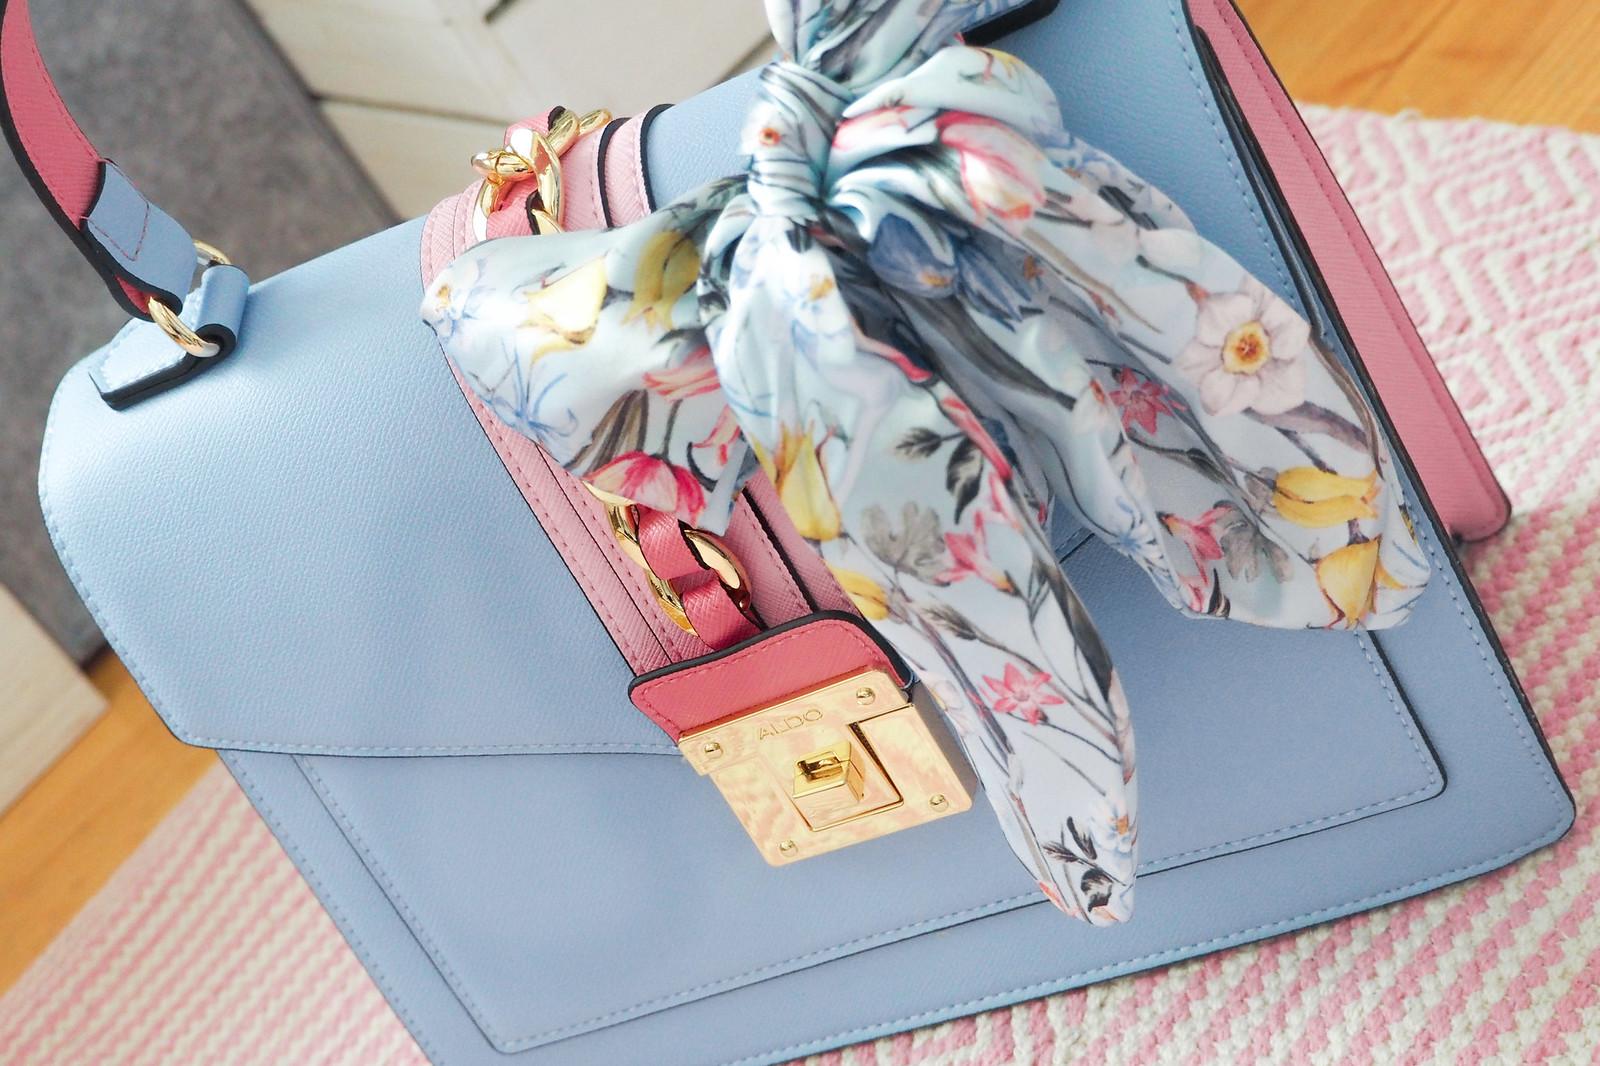 Vaaleansinen ja vaaleanpunainen laukku Aldo-2